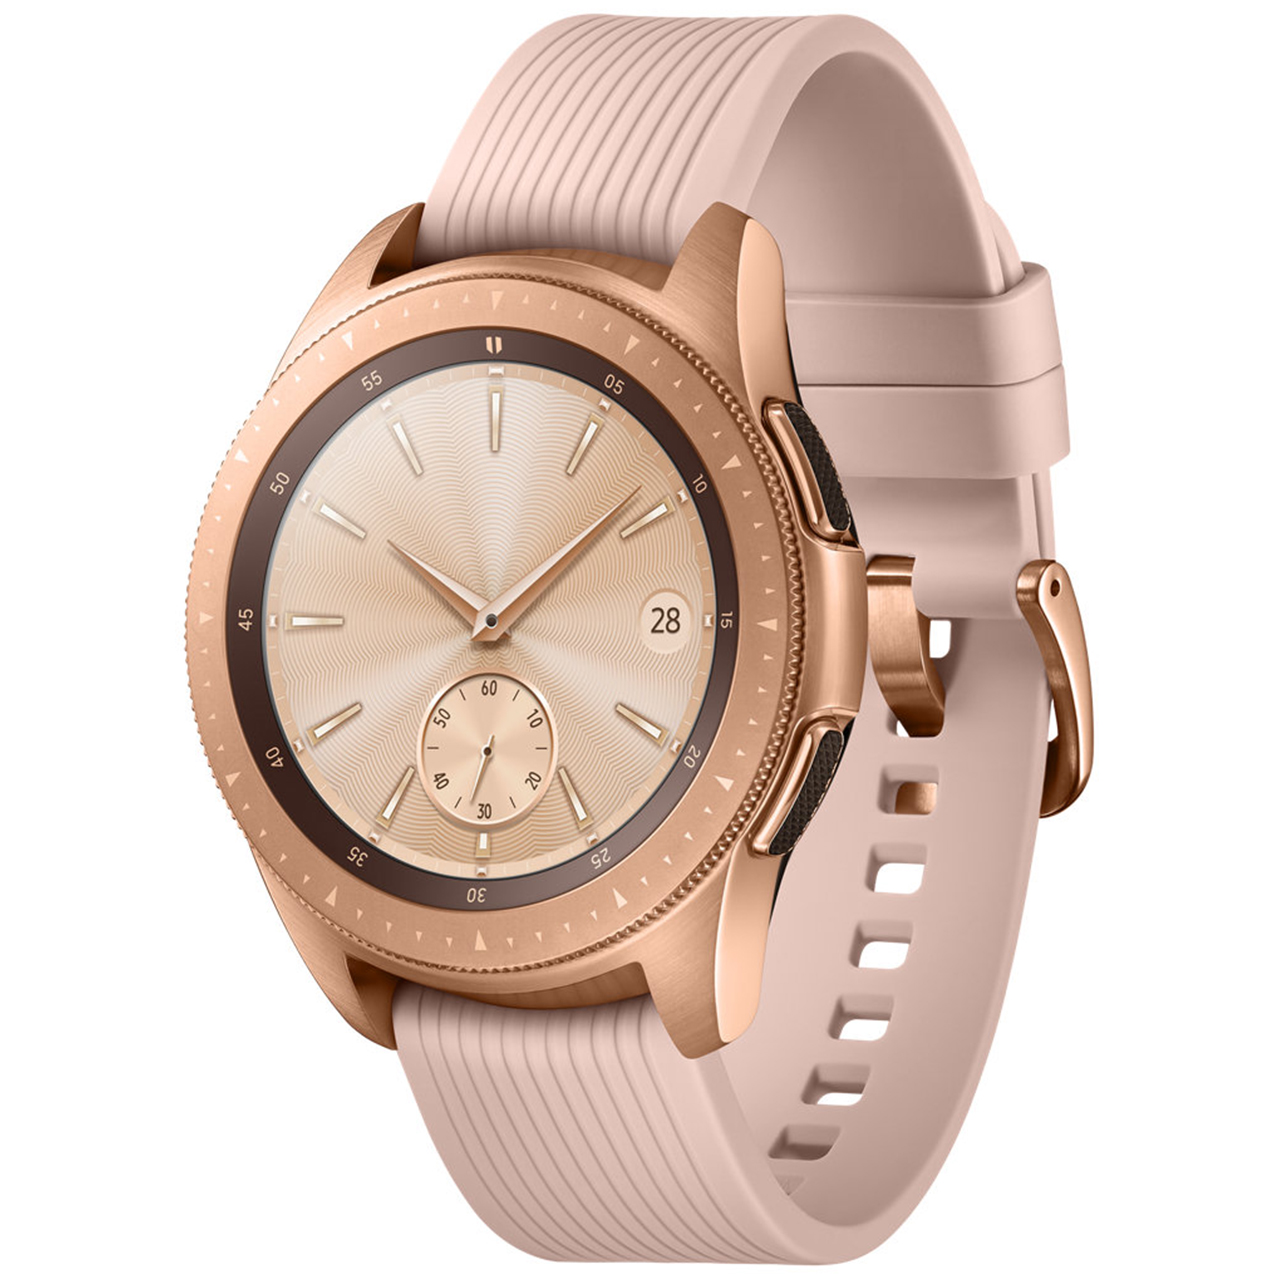 خرید ارزان ساعت هوشمند سامسونگ مدل Galaxy Watch SM-R810